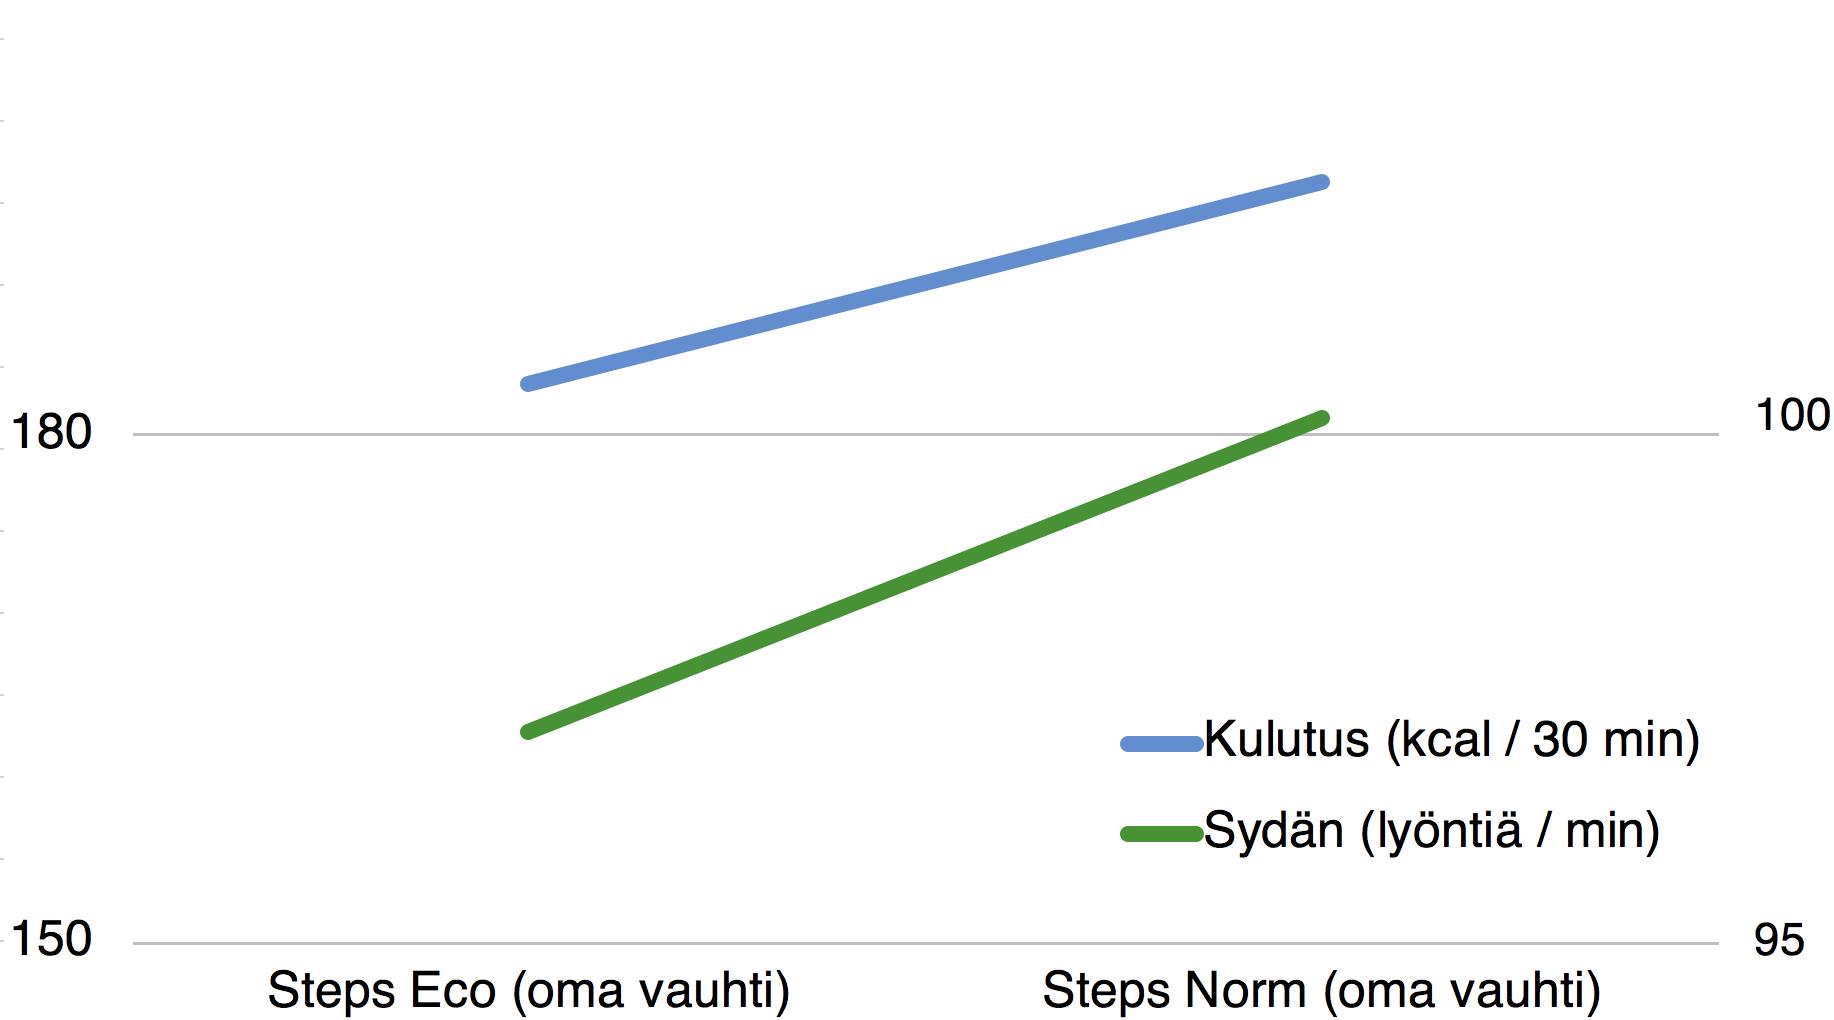 Kun sähköavustus kasvaa Steps Ecosta Steps Normiin, myös kulutus ja keskisyke kasvavat.